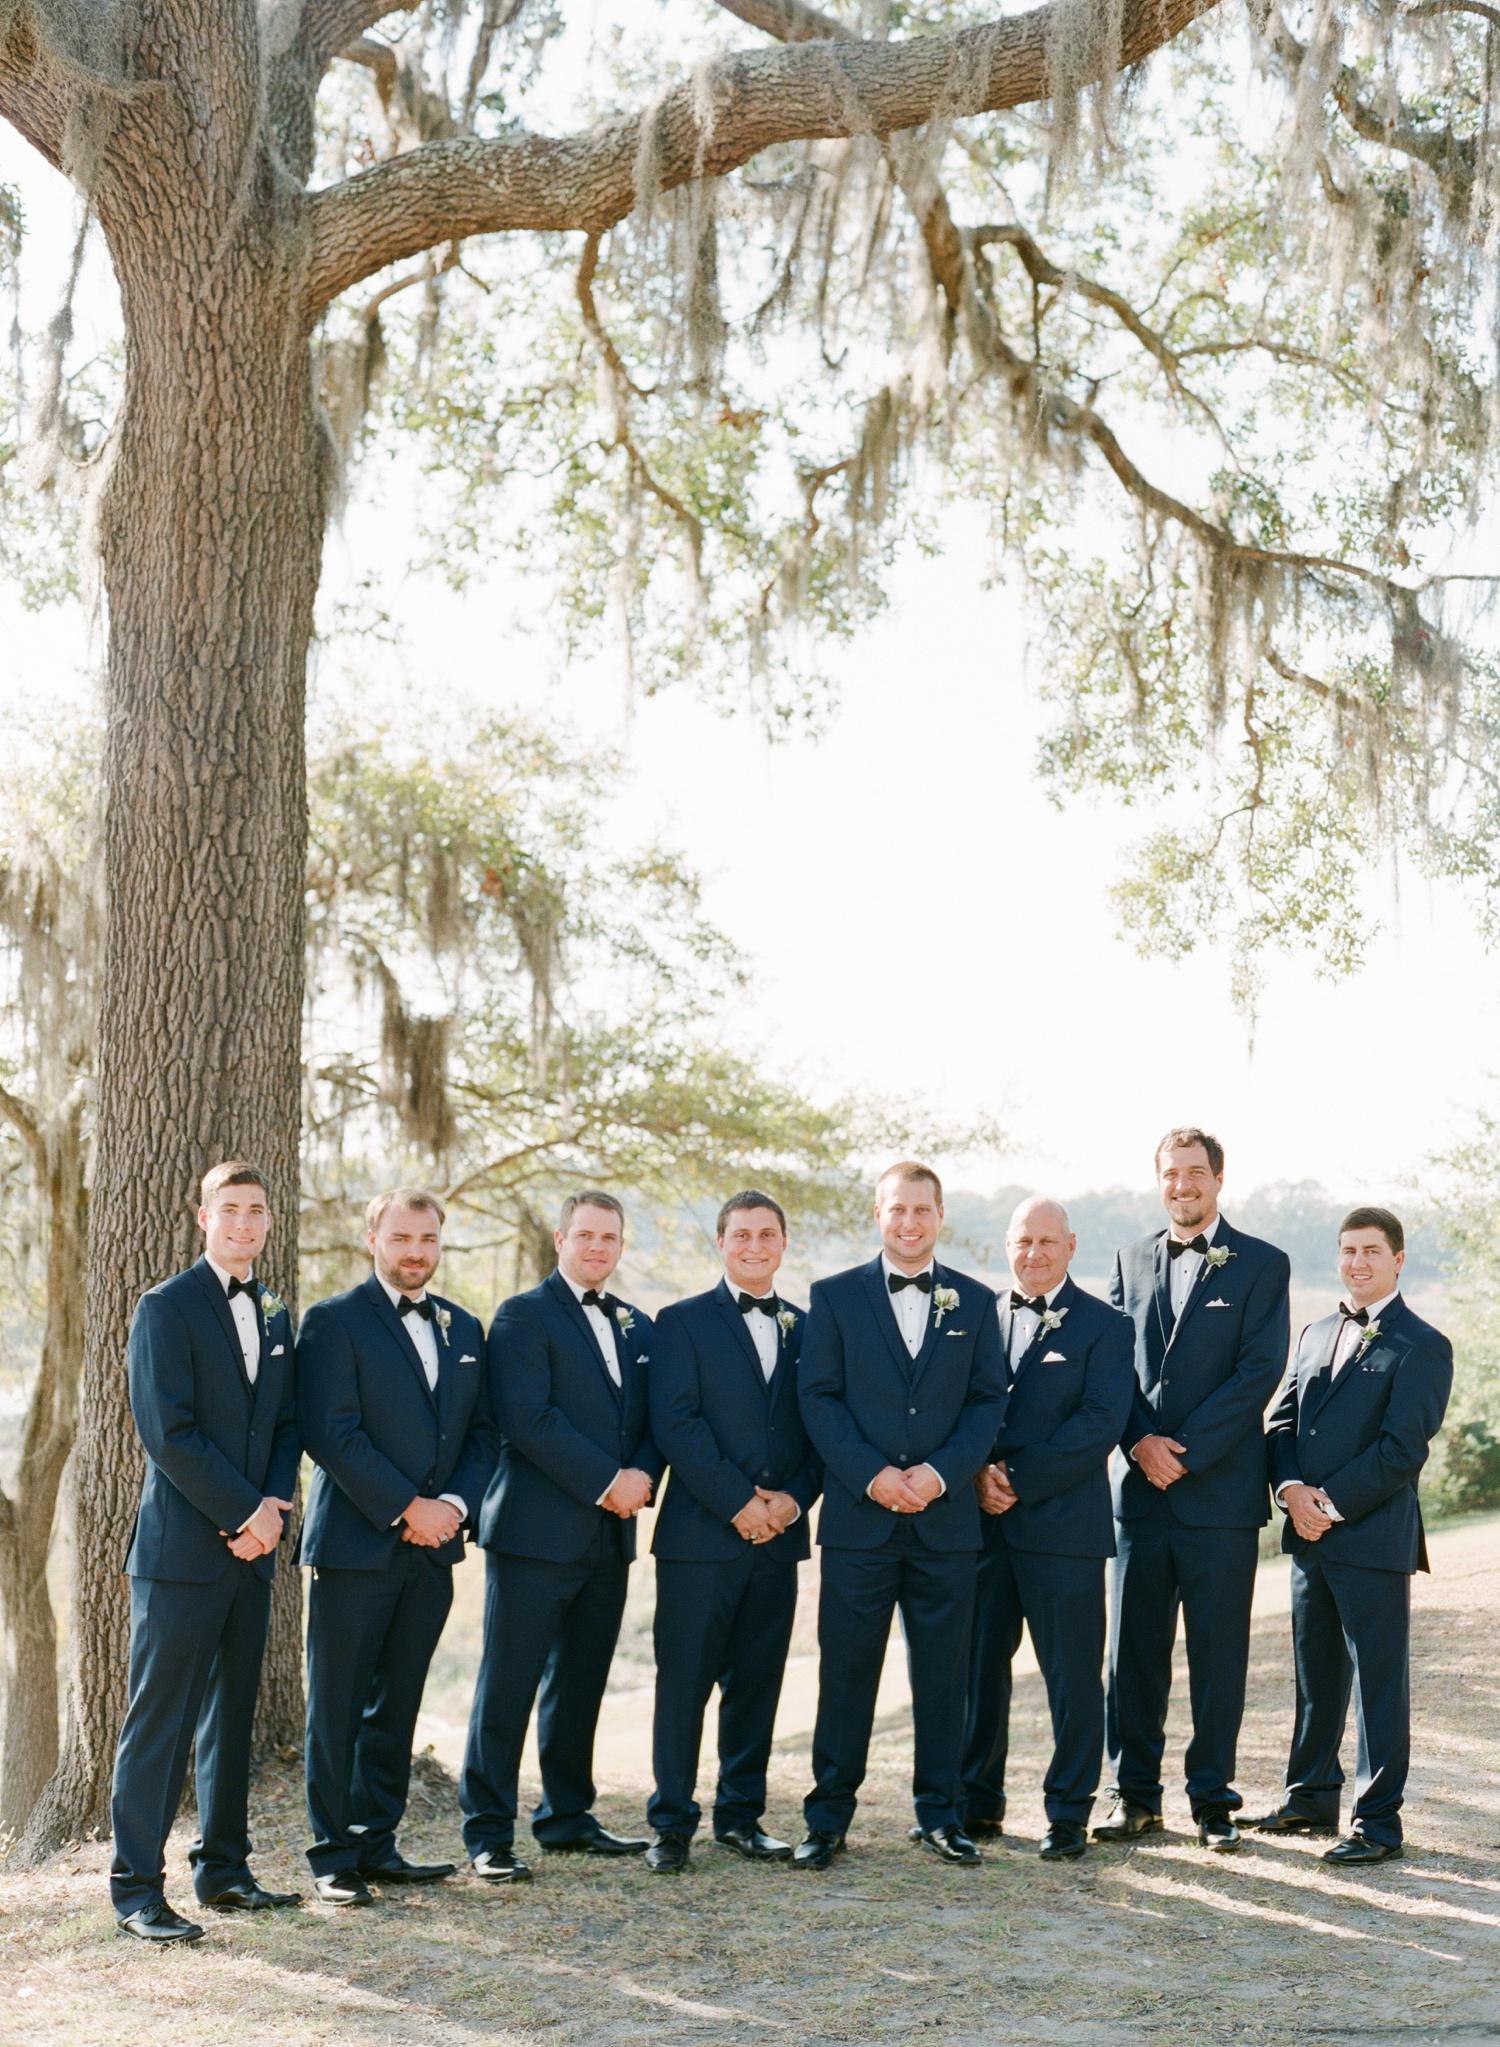 Beautfort-Wedding-Photographer_0019.jpg